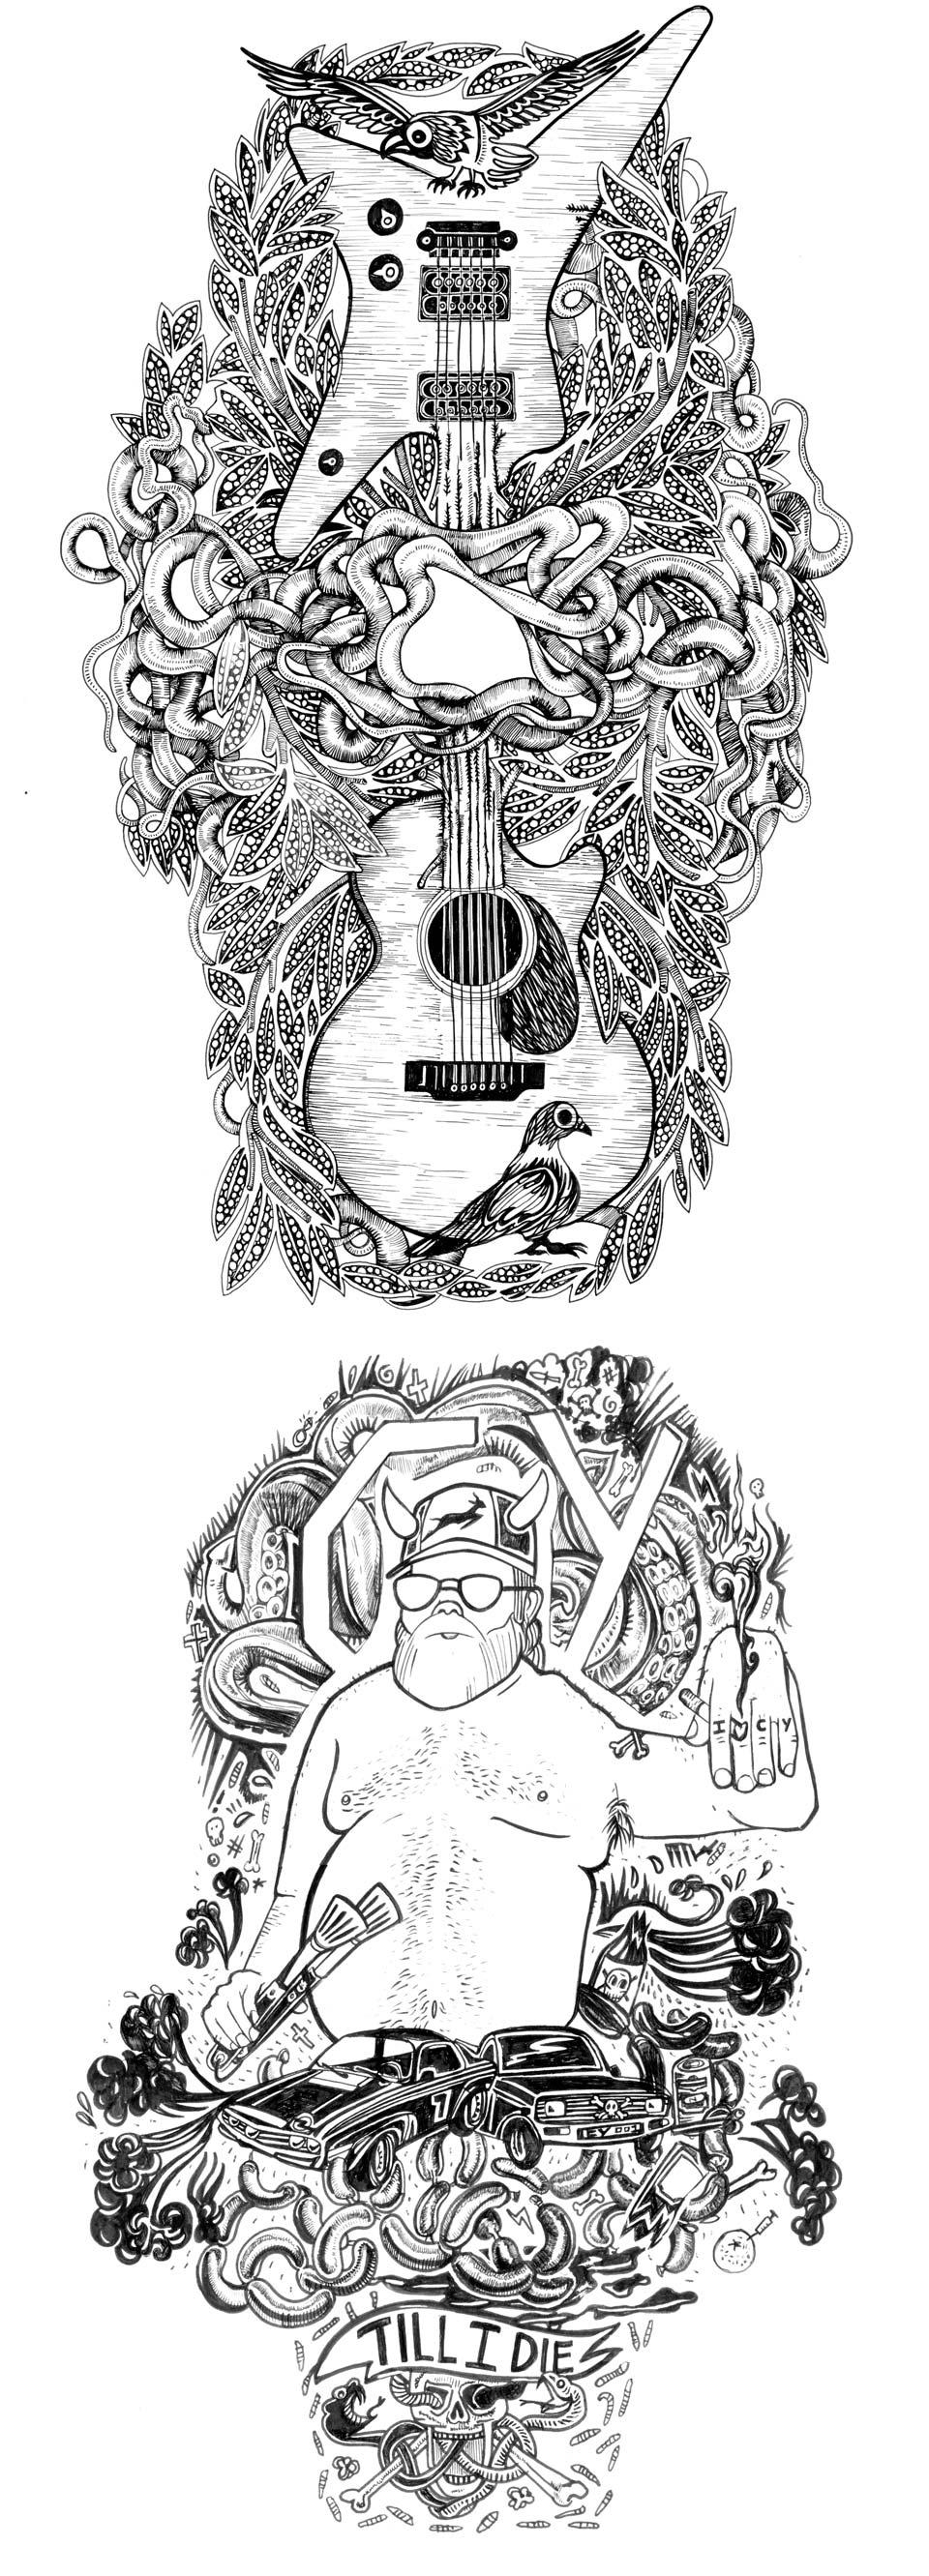 Black-&-White-Illustration